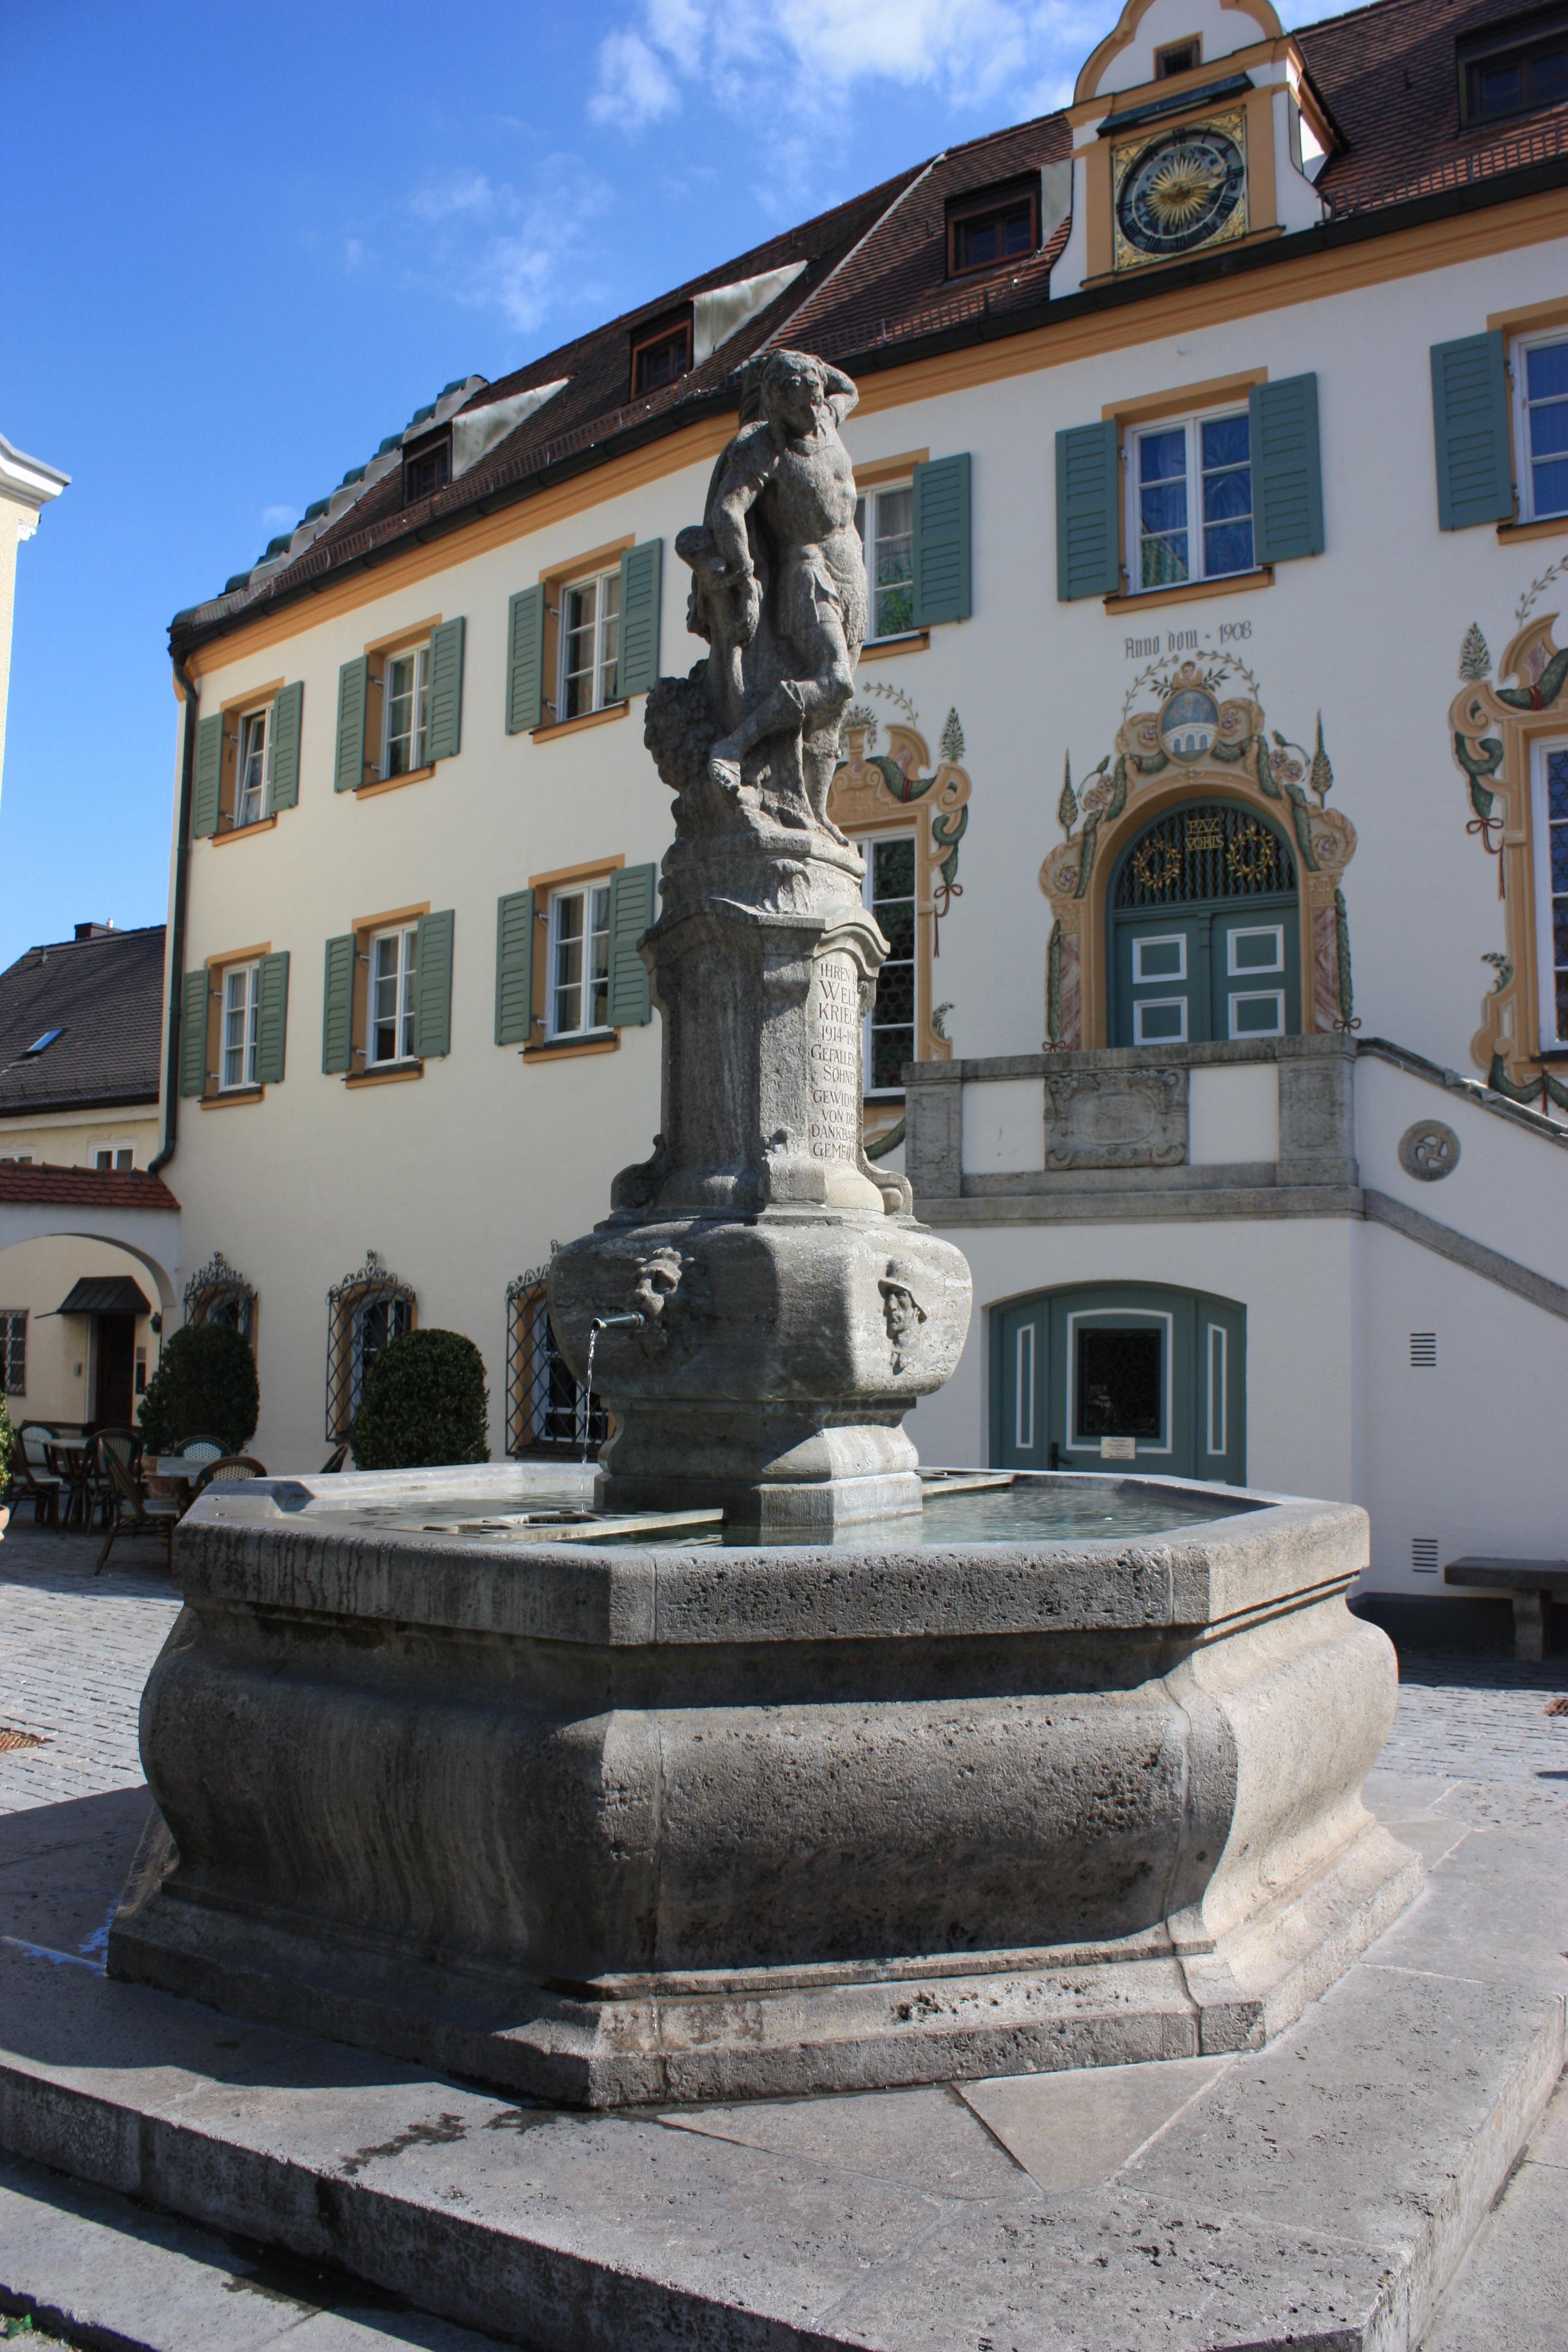 Attractive Stadt Monument Statue Wahrzeichen Brunnen Deutschland Stadtplatz Immobilien  Wasser Funktion Altes Rathaus Alte Geschichte Standesamt